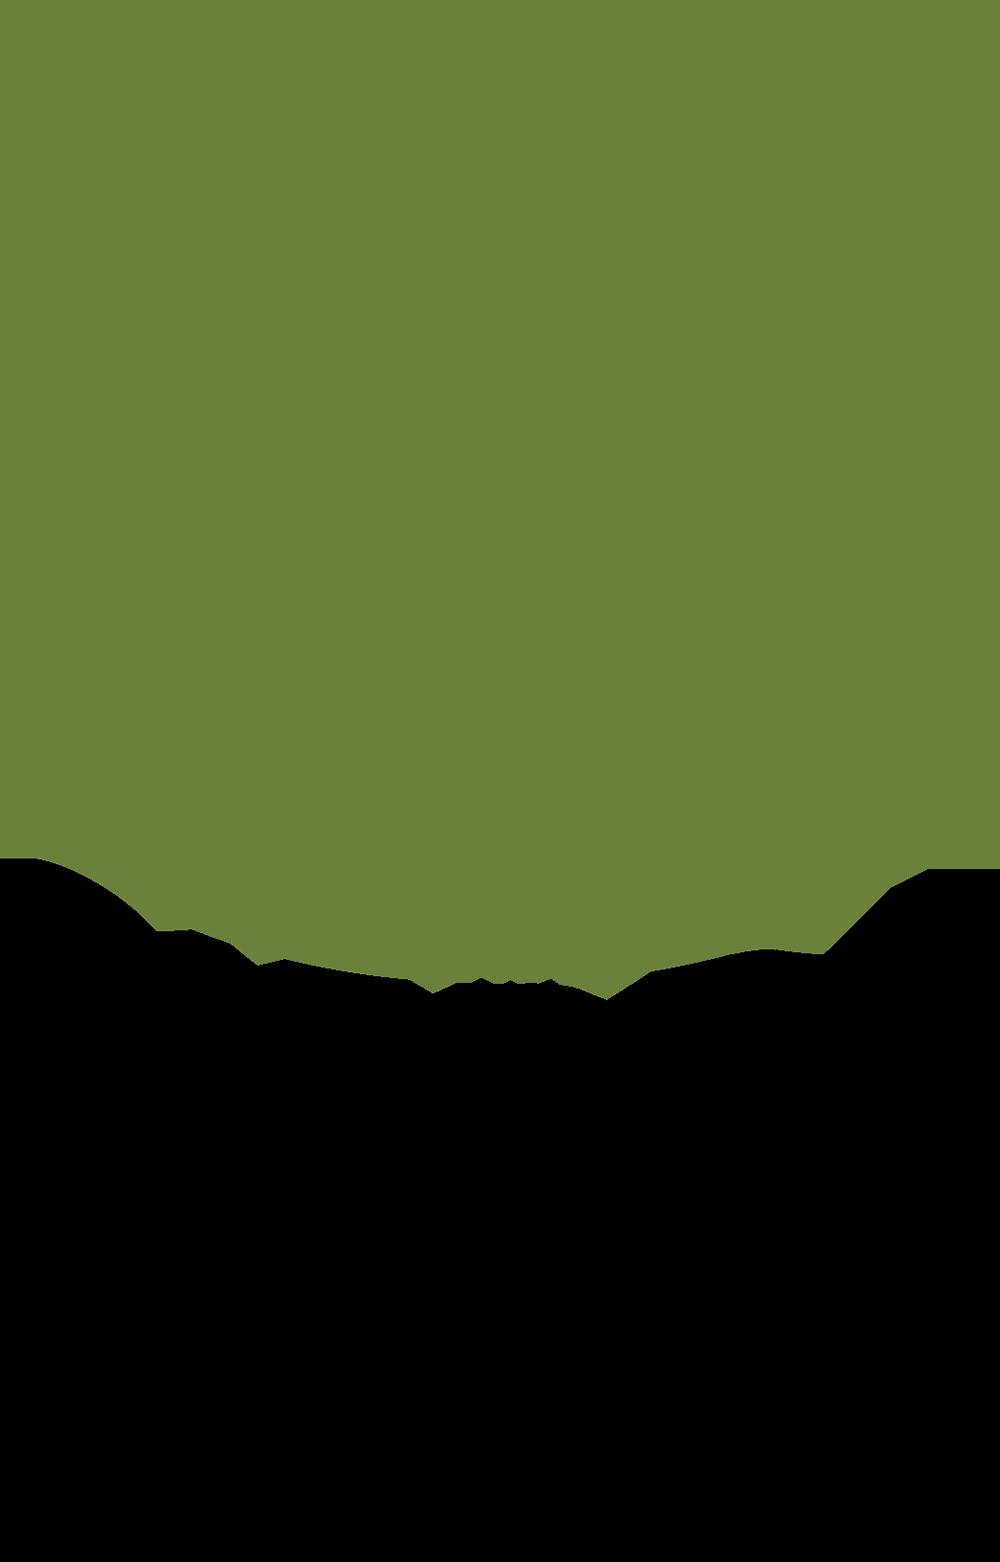 Sierra Club symbol